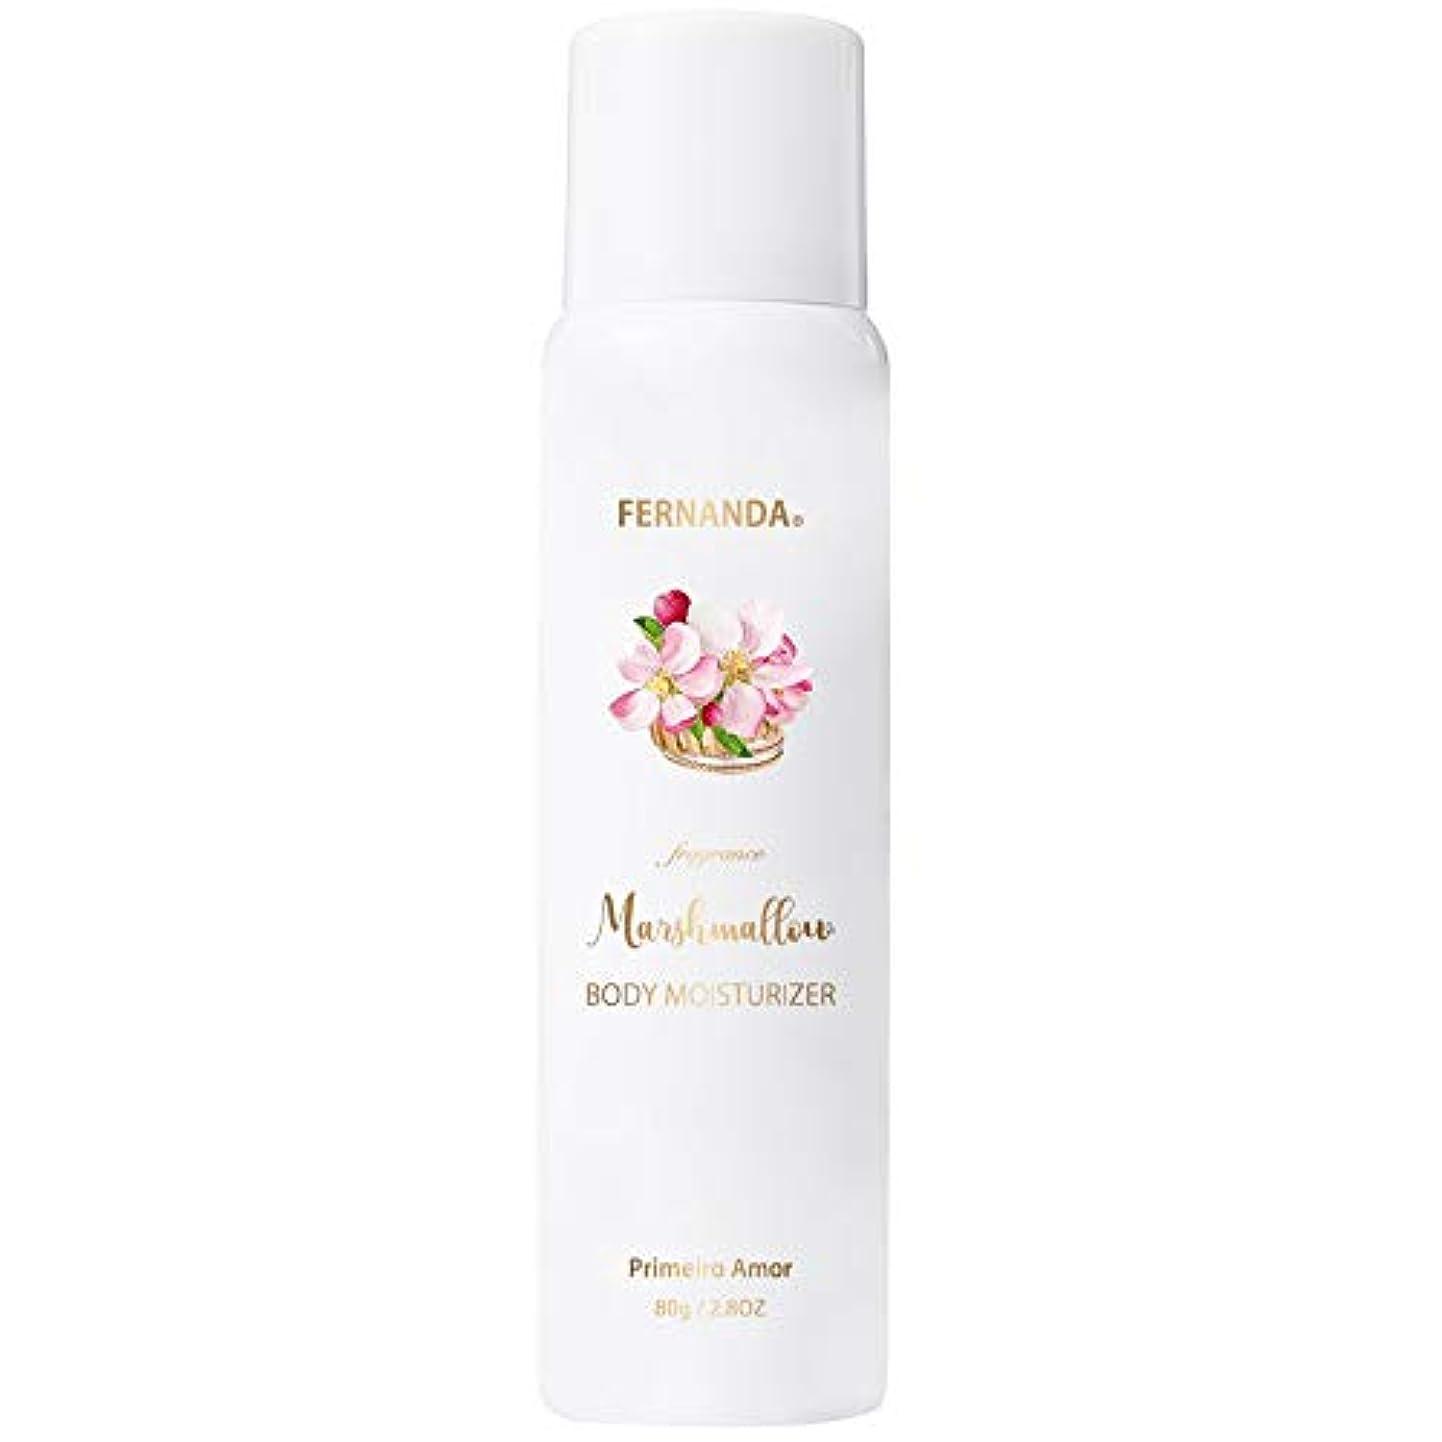 妊娠したアルコーブ却下するFERNANDA(フェルナンダ) Marshmallow Body Moisturizer Primeiro Amor (マシュマロ ボディ モイスチャライザー プリメイロアモール)